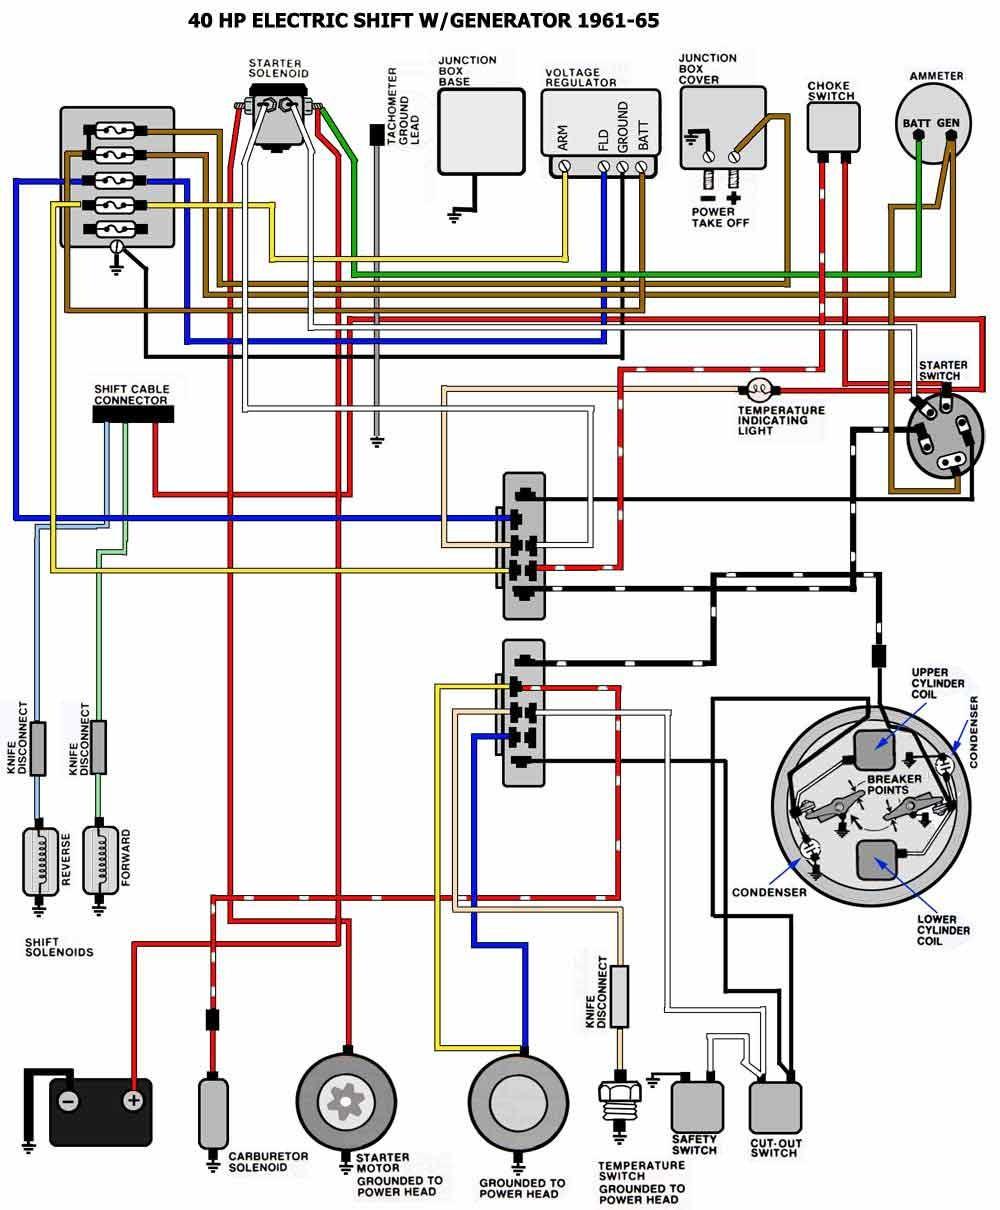 1961 1965 Evinrude 40HP Selectric Wiring Diagram